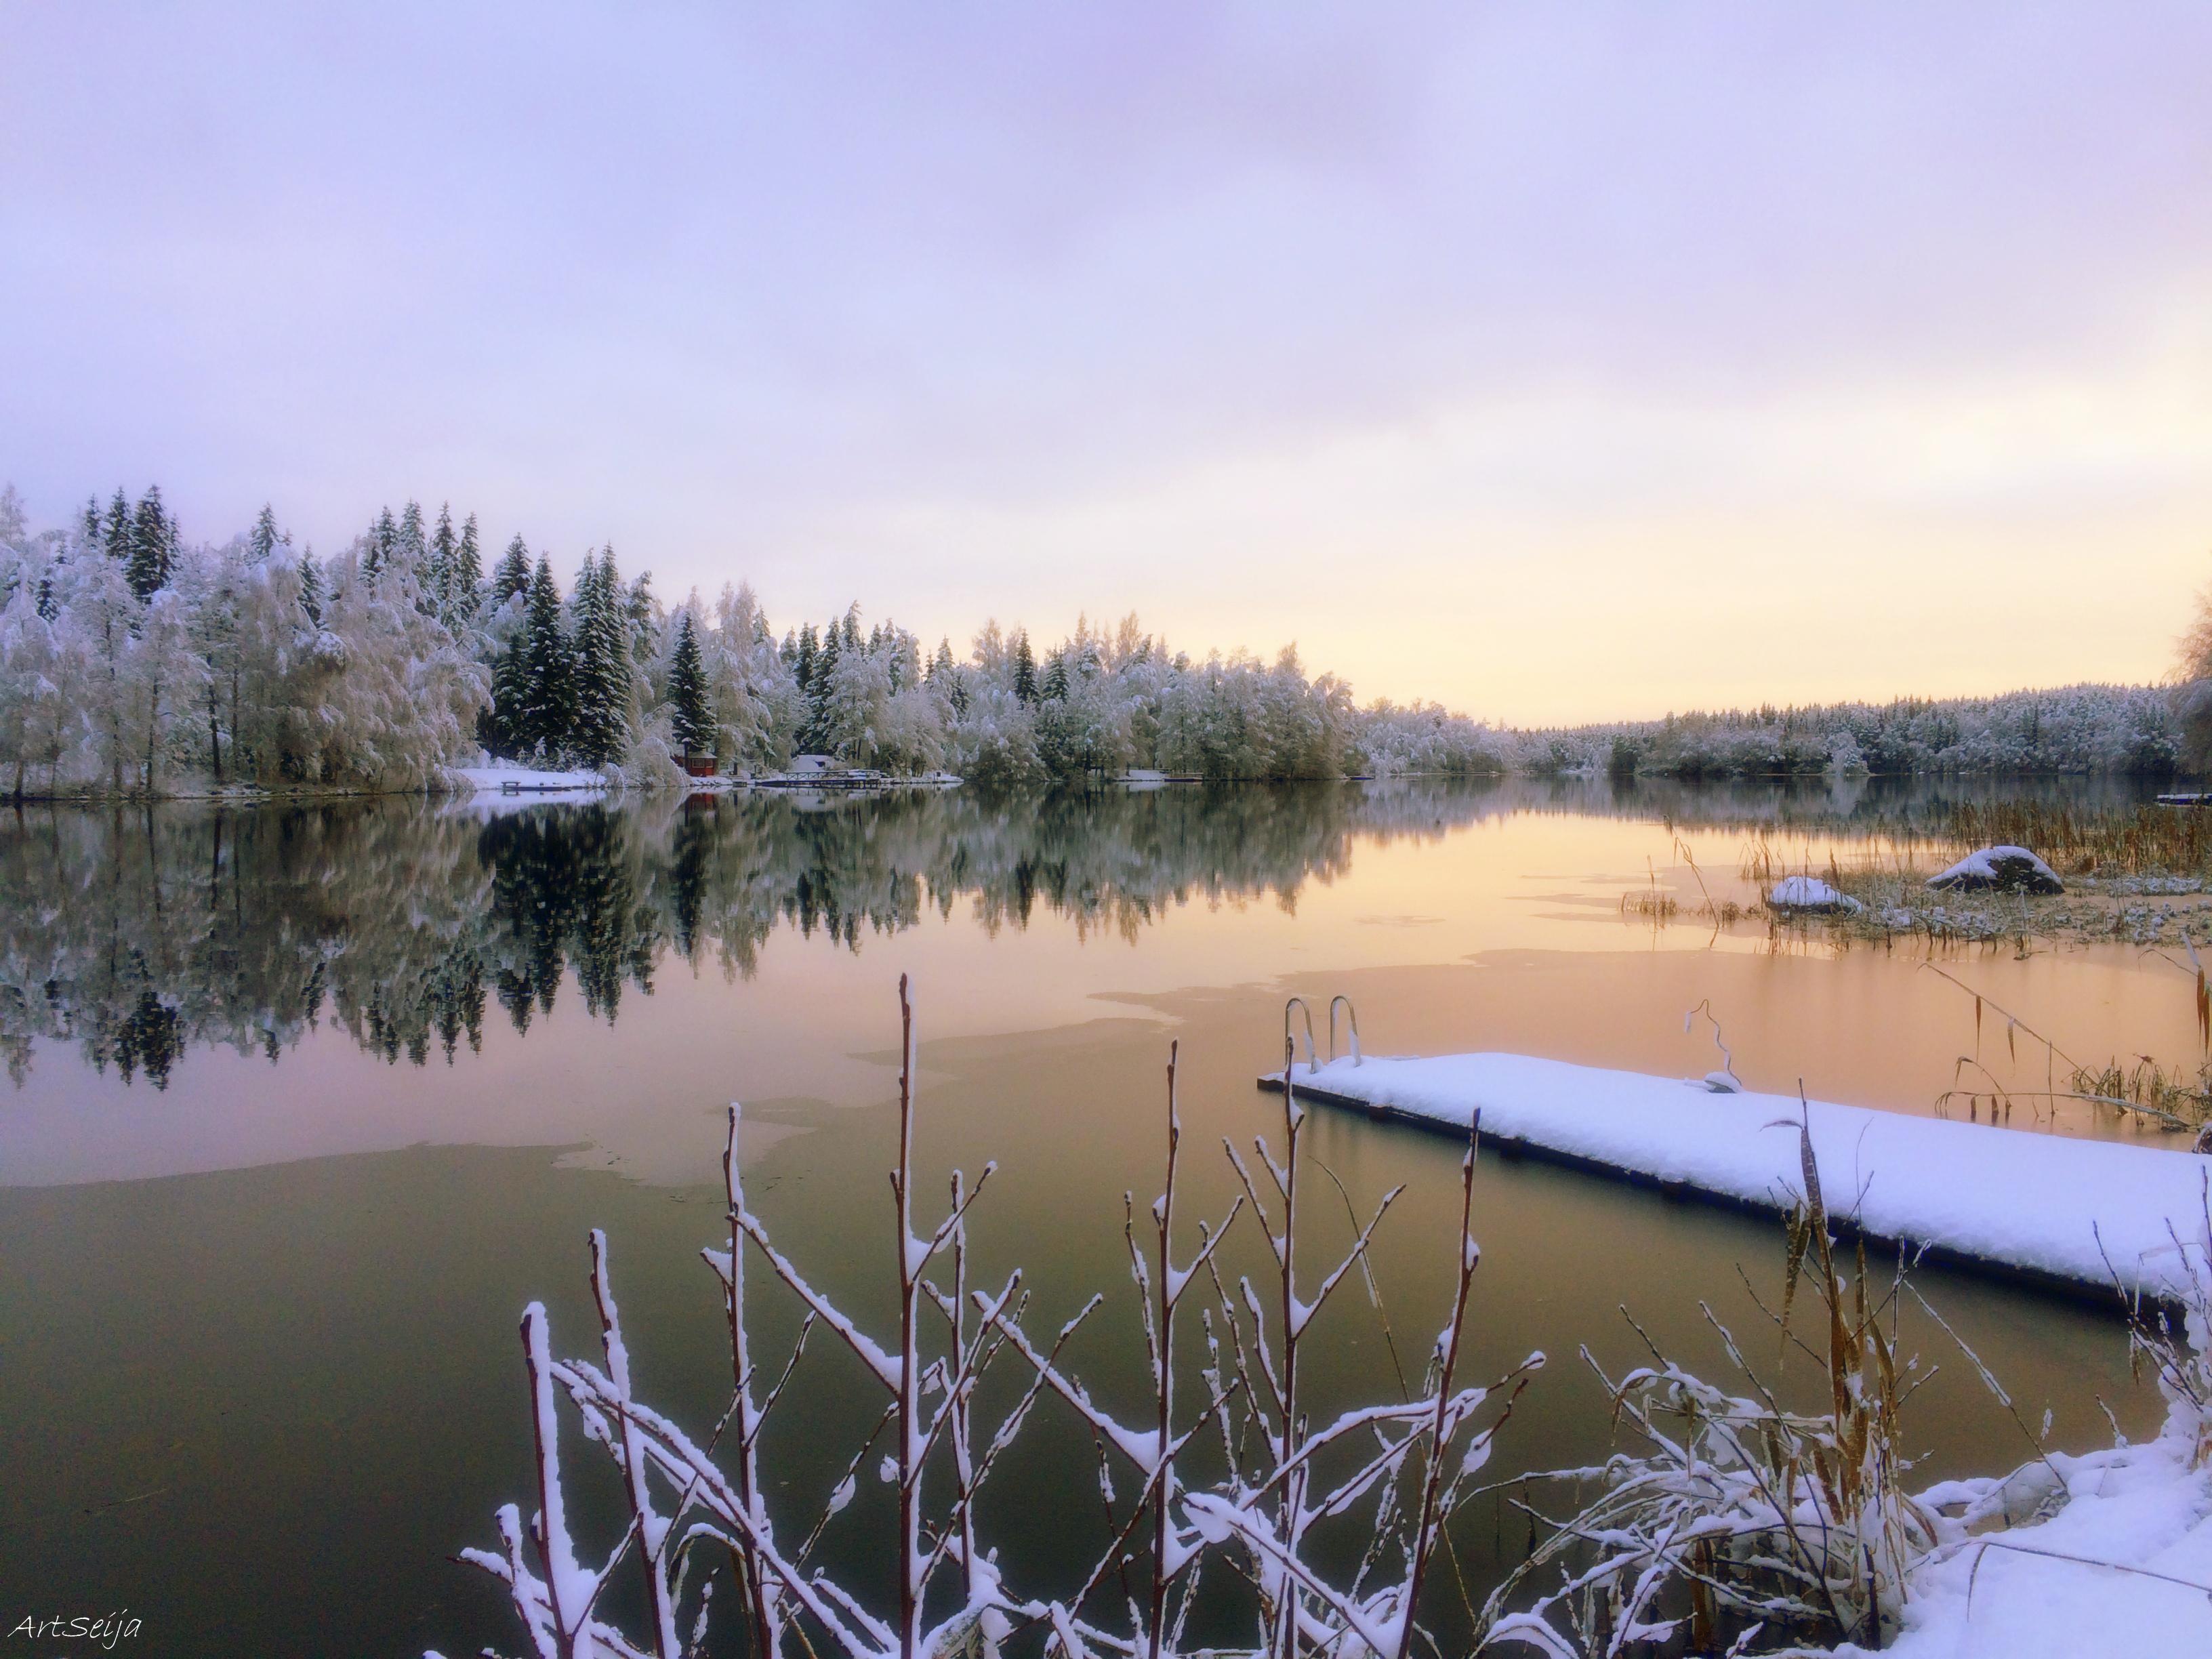 Talvinen laituri: Lahmajärvi, Urjala